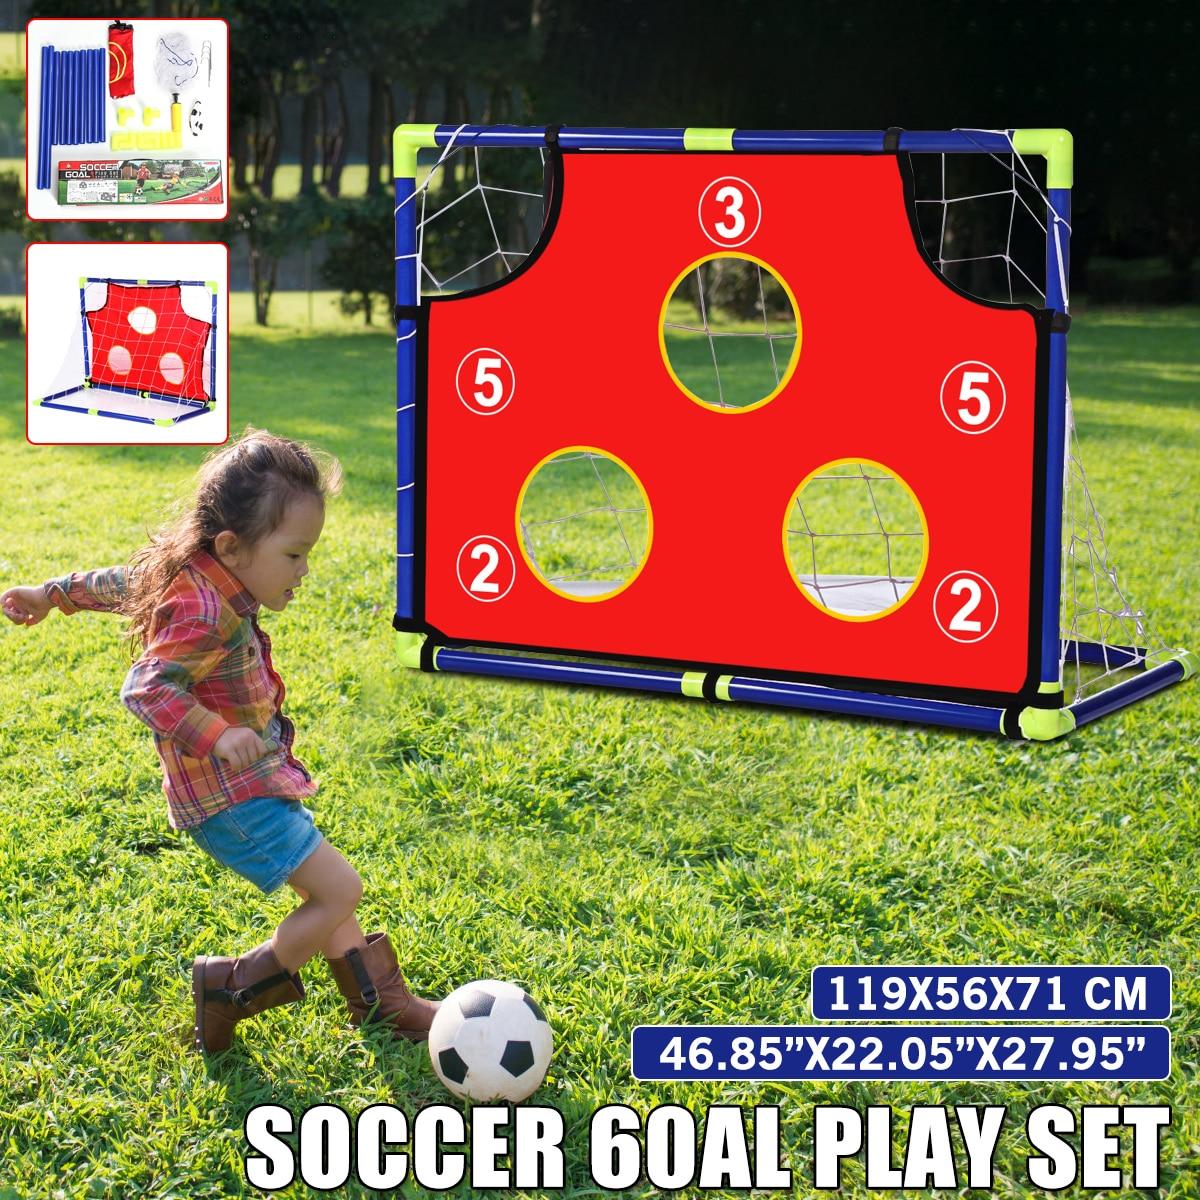 Soccer Goal for Children Net Foldable Outdoor Sports Toys Gift Football Goal Door Set for Backyard Indoor Toy Soccer Equipment